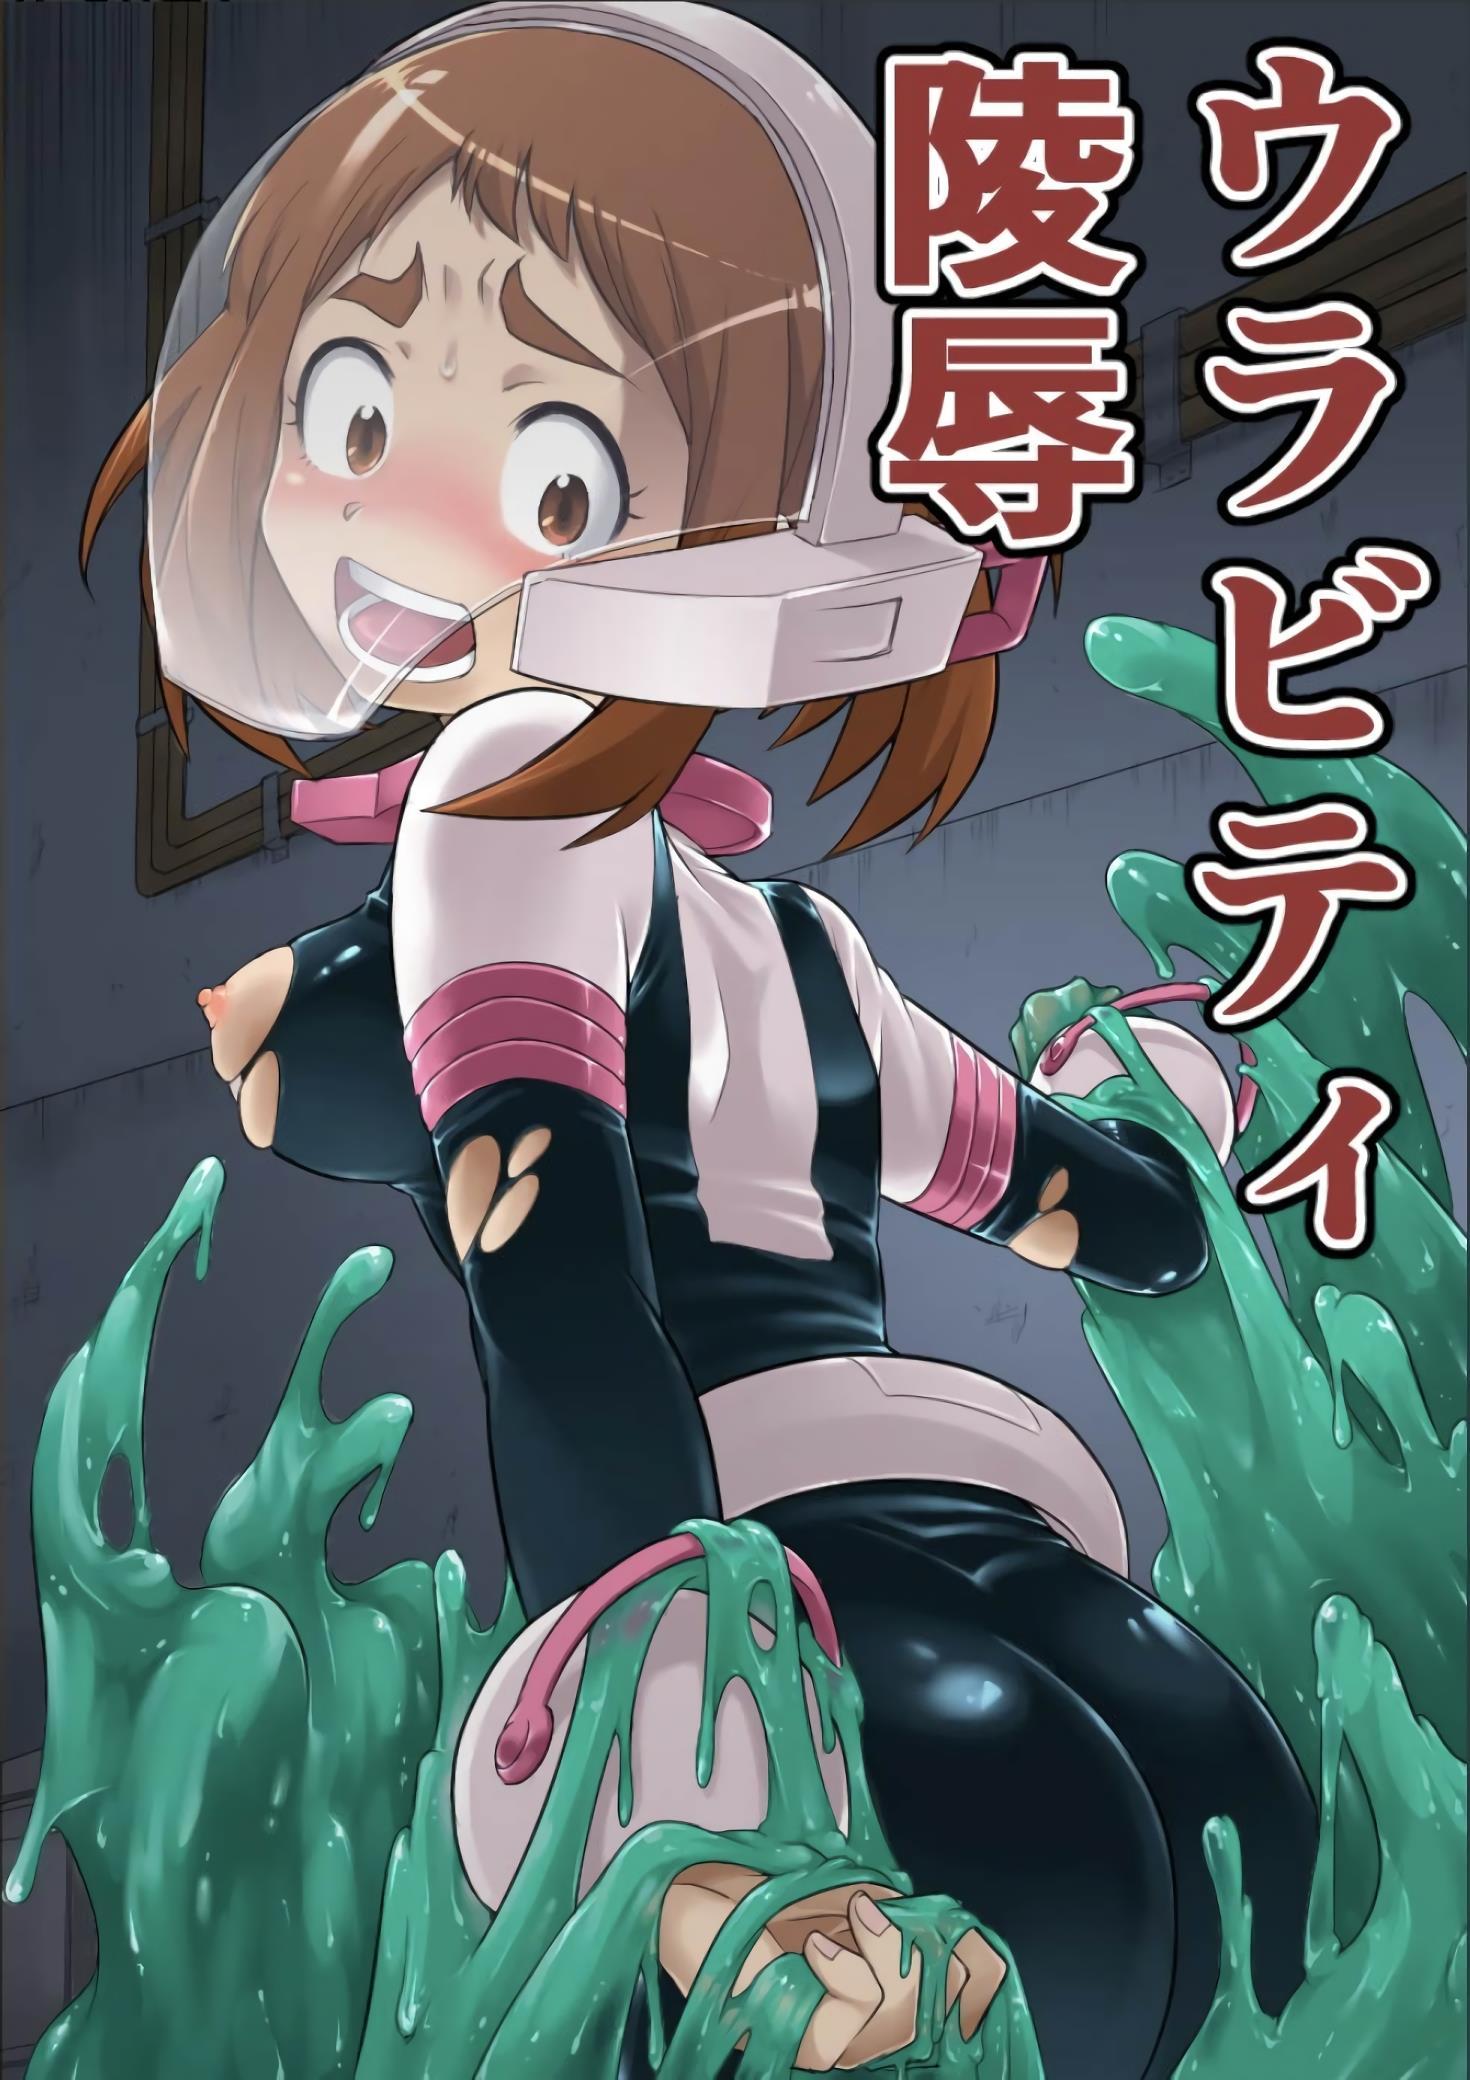 Hentai Porno Uravity Ryoujoku